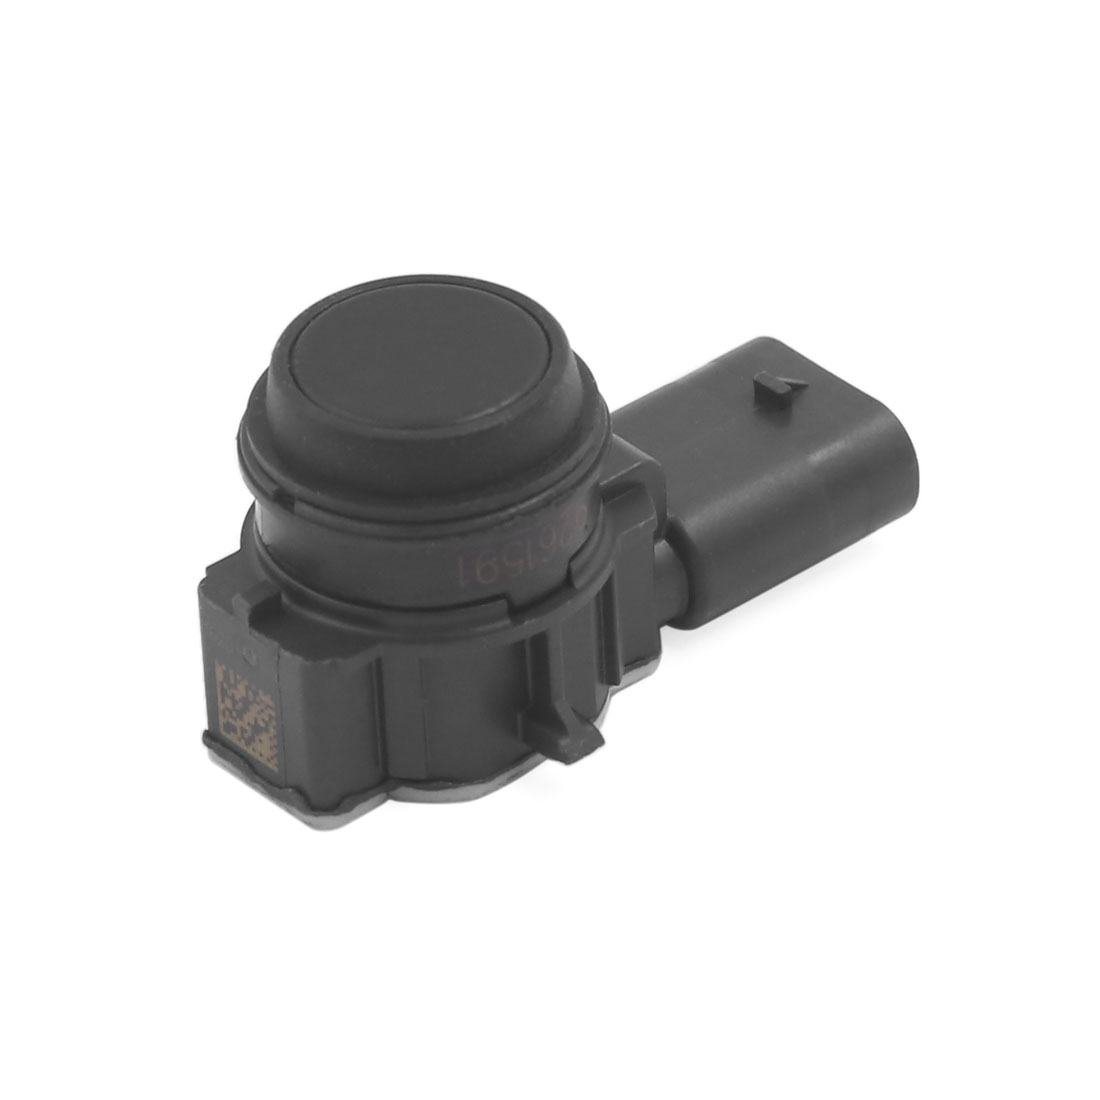 Rear Reverse Bumper Parking Aid Sensor 66209261591 Fits BMW 1 3 4 F20 F30 F33 F